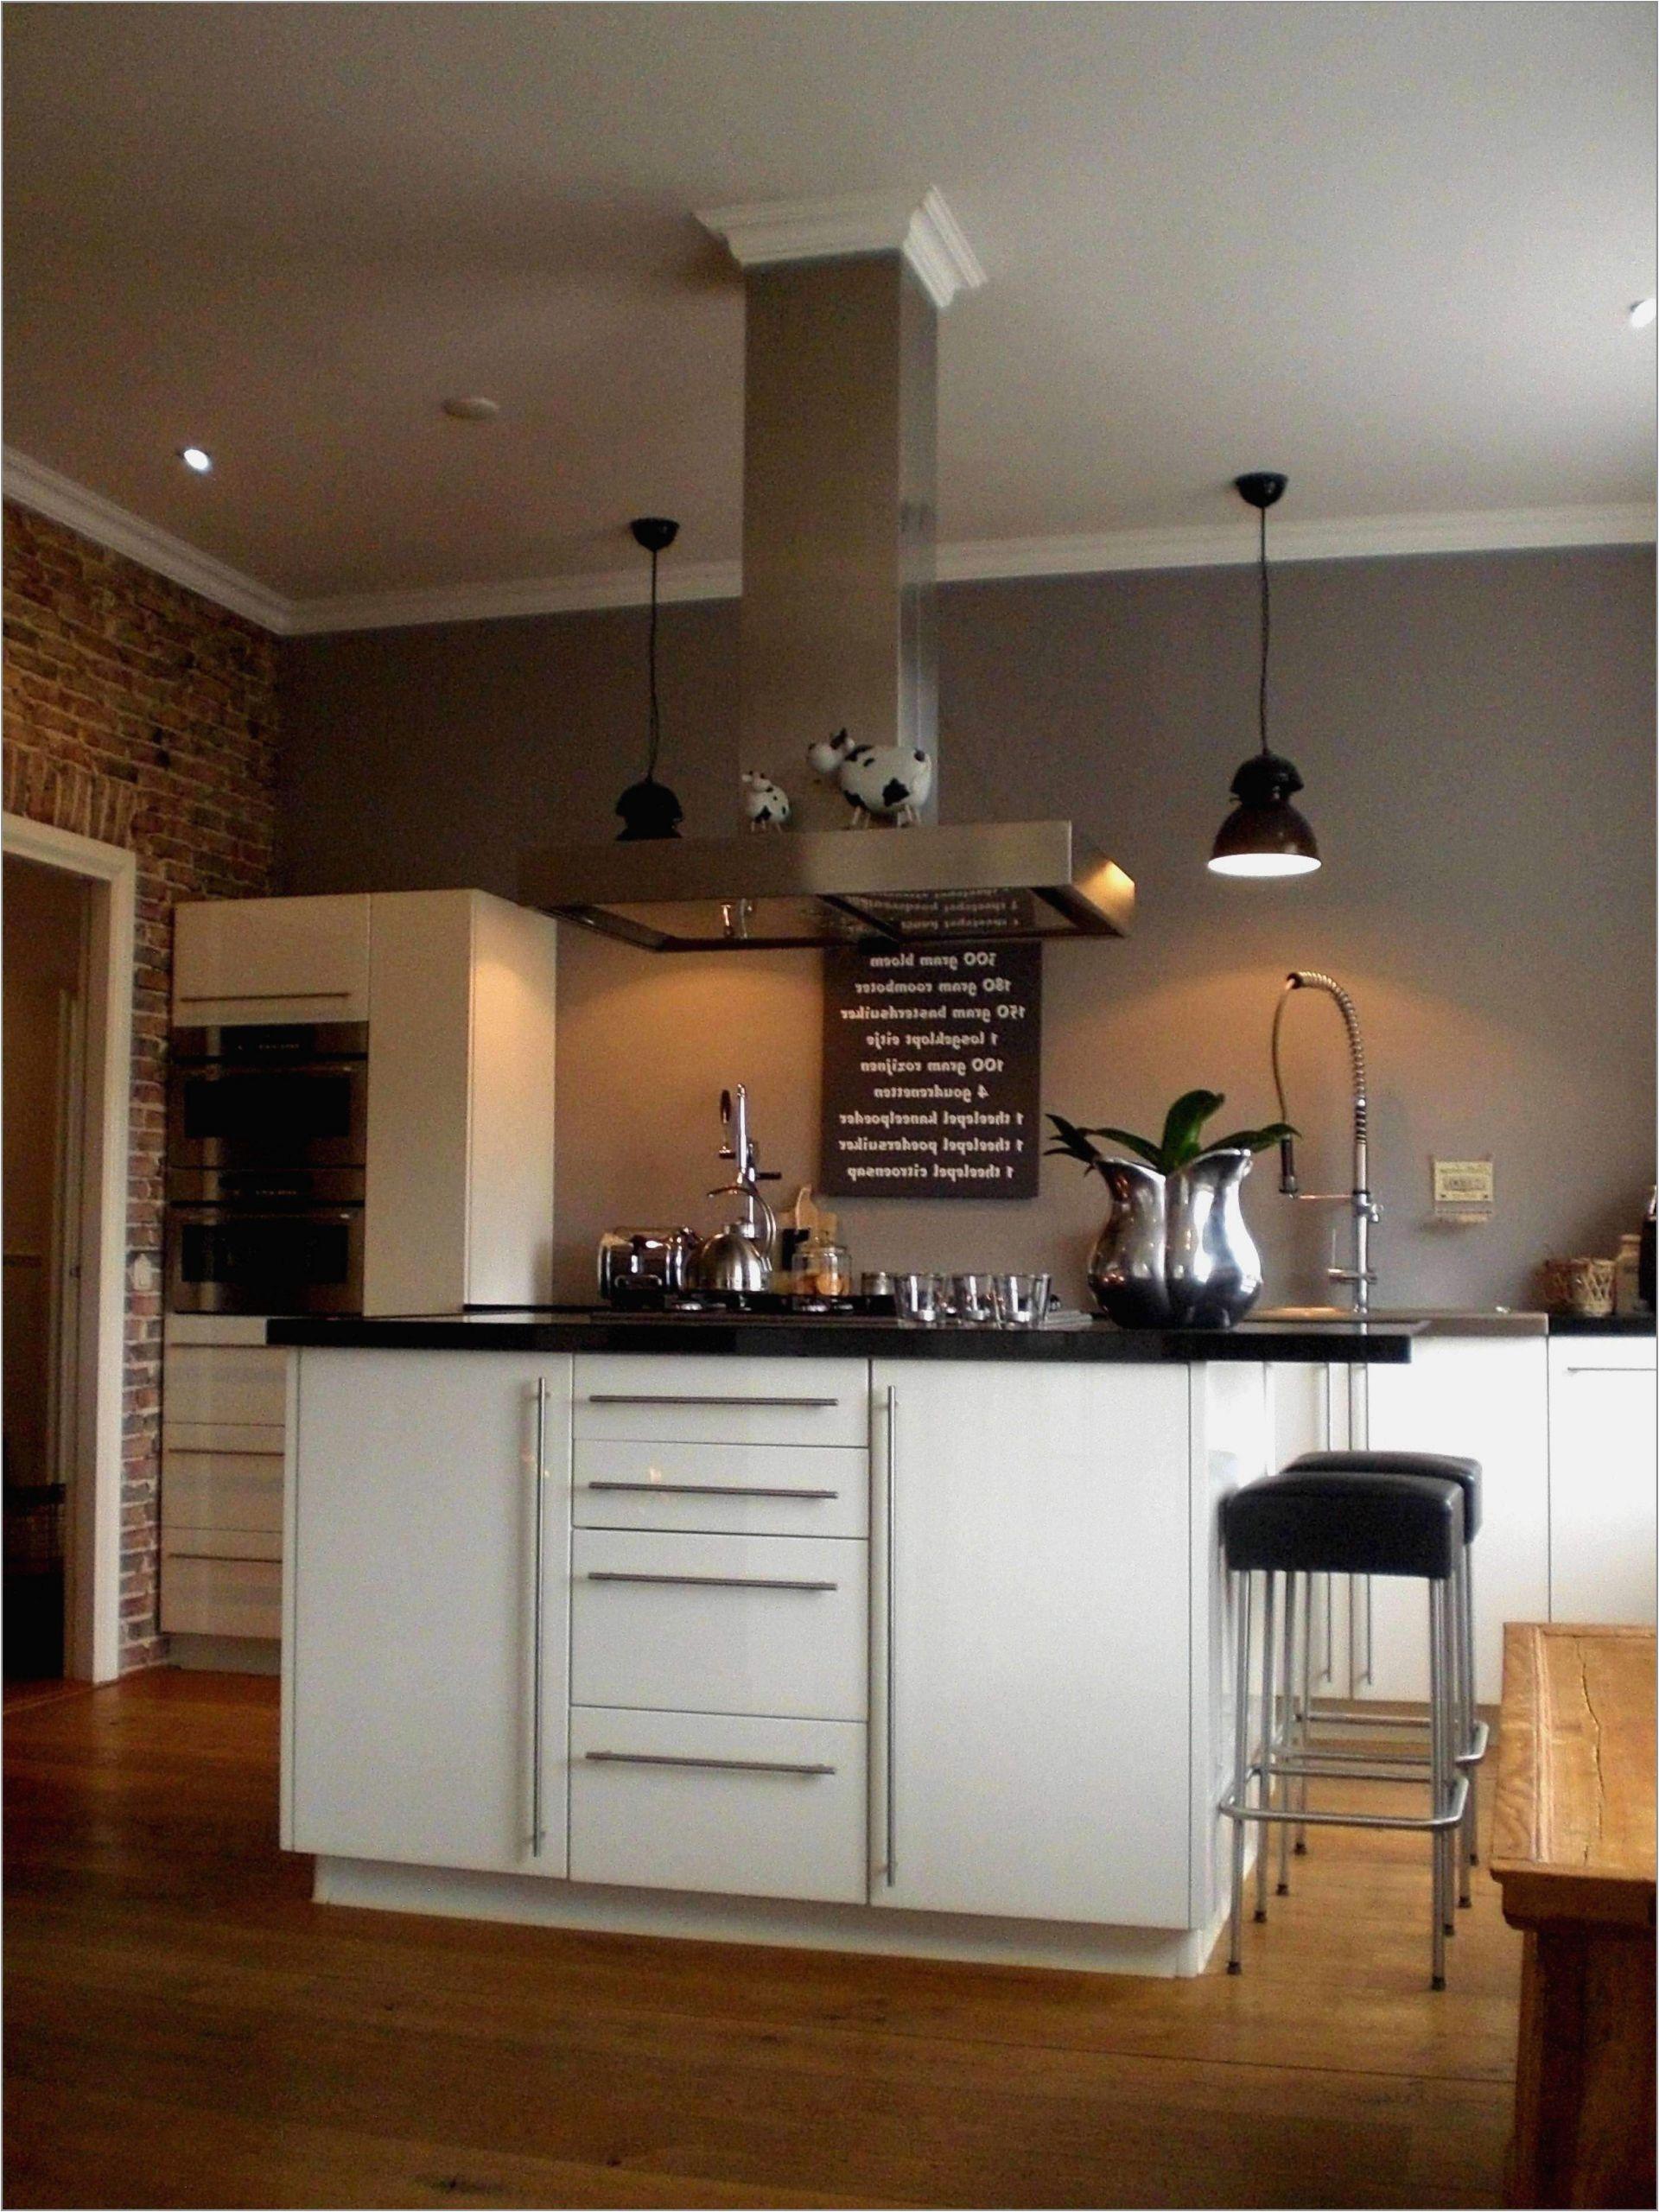 Lampen Für Küche 37 Frisch Leinwand Für Wohnzimmer Schön